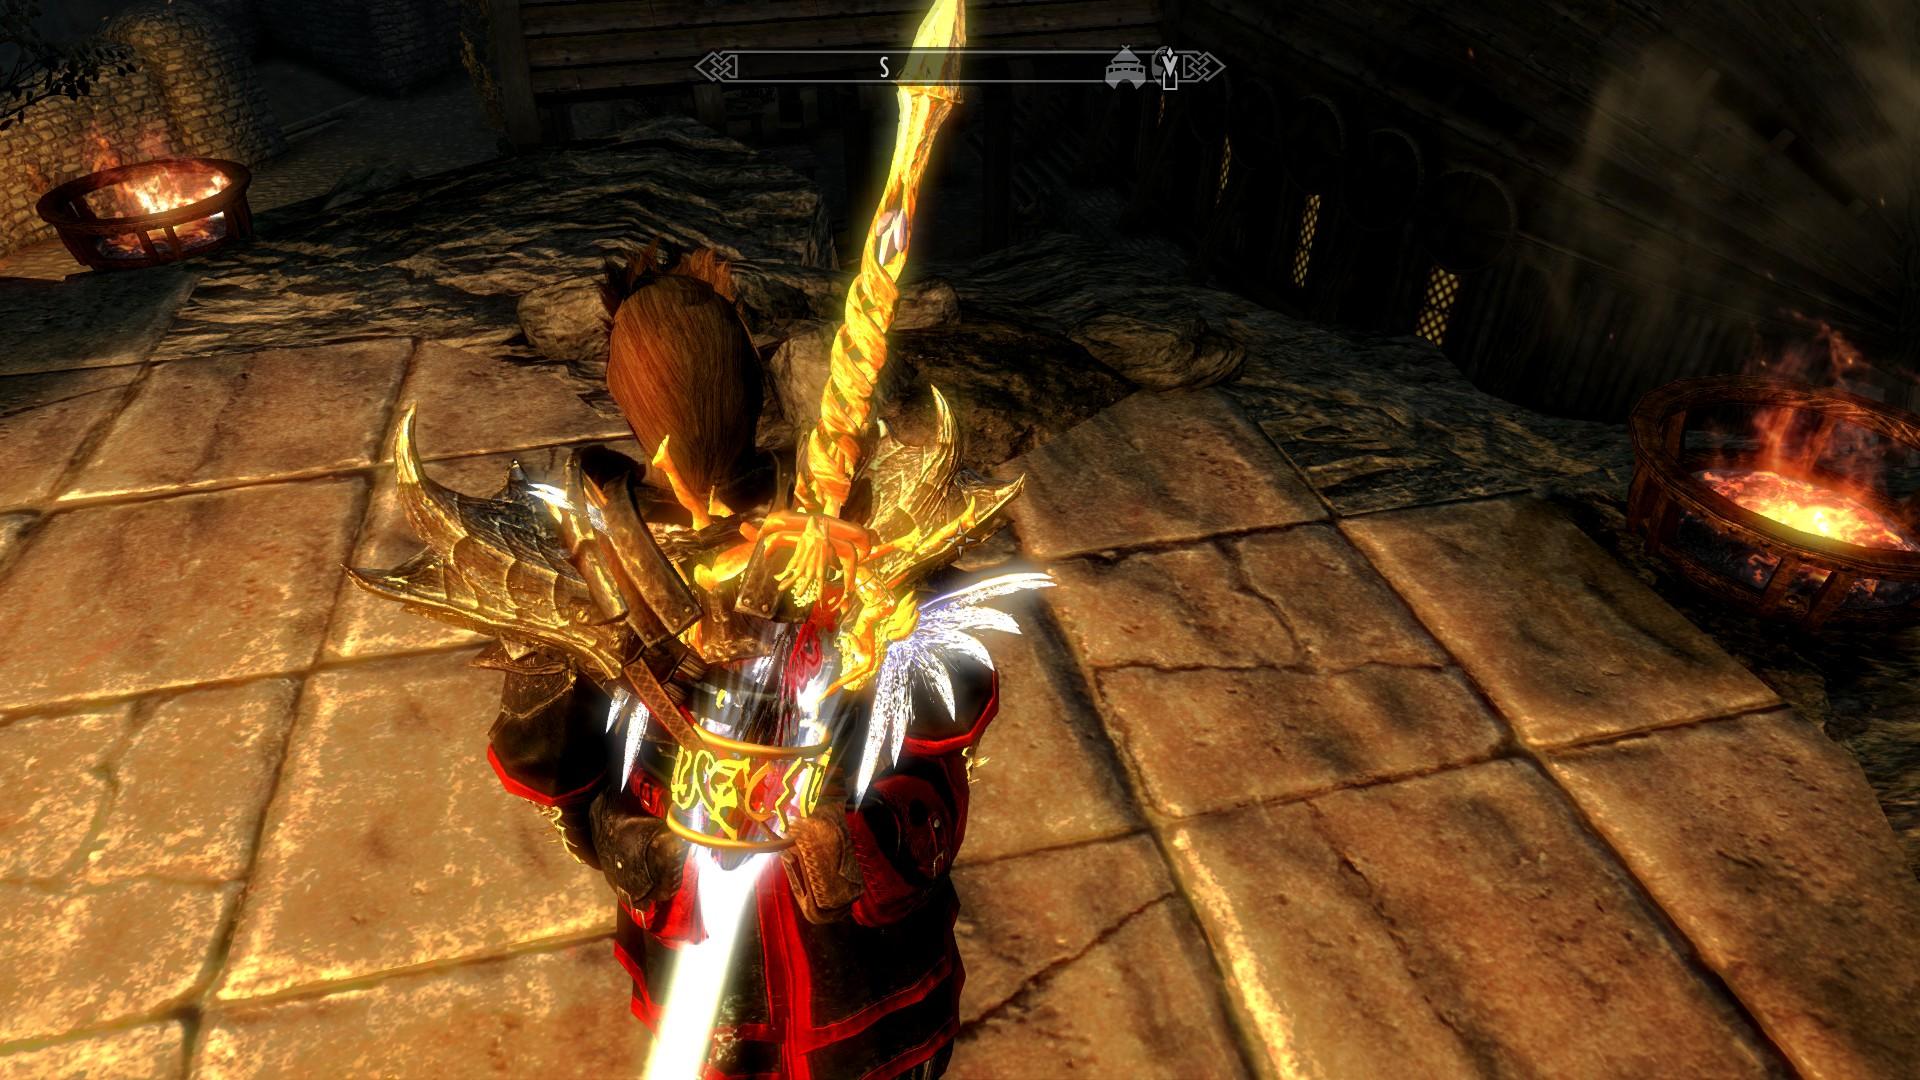 Скачать мод на скайрим на мечи джедаев